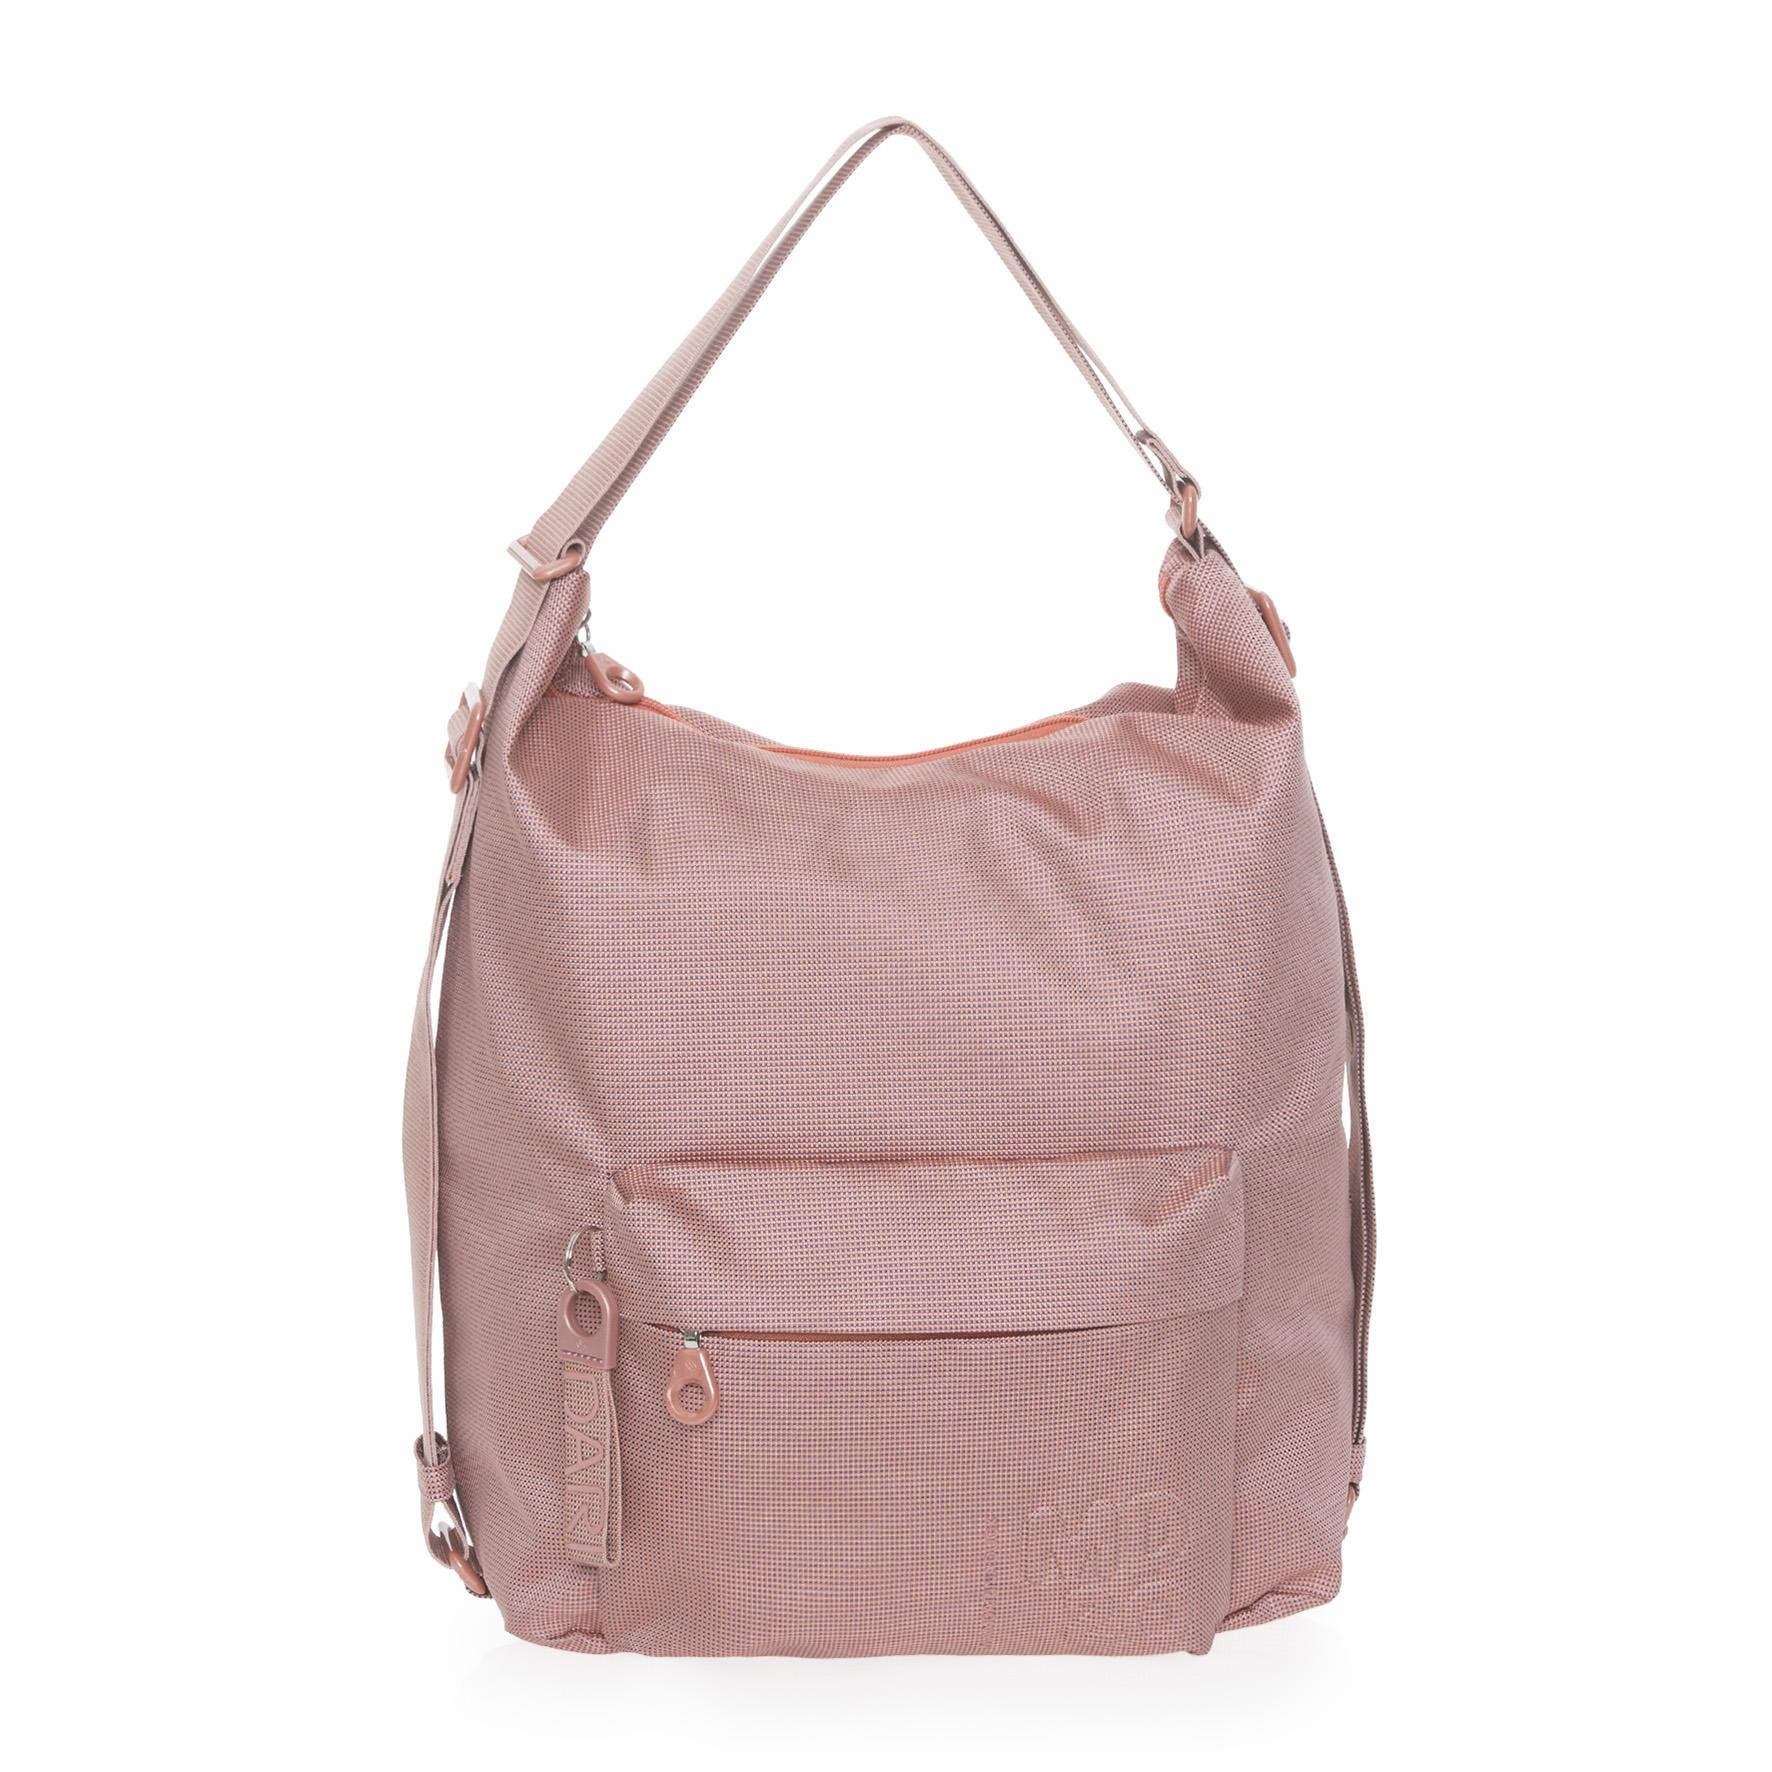 QMT09 bolso mochila rosa